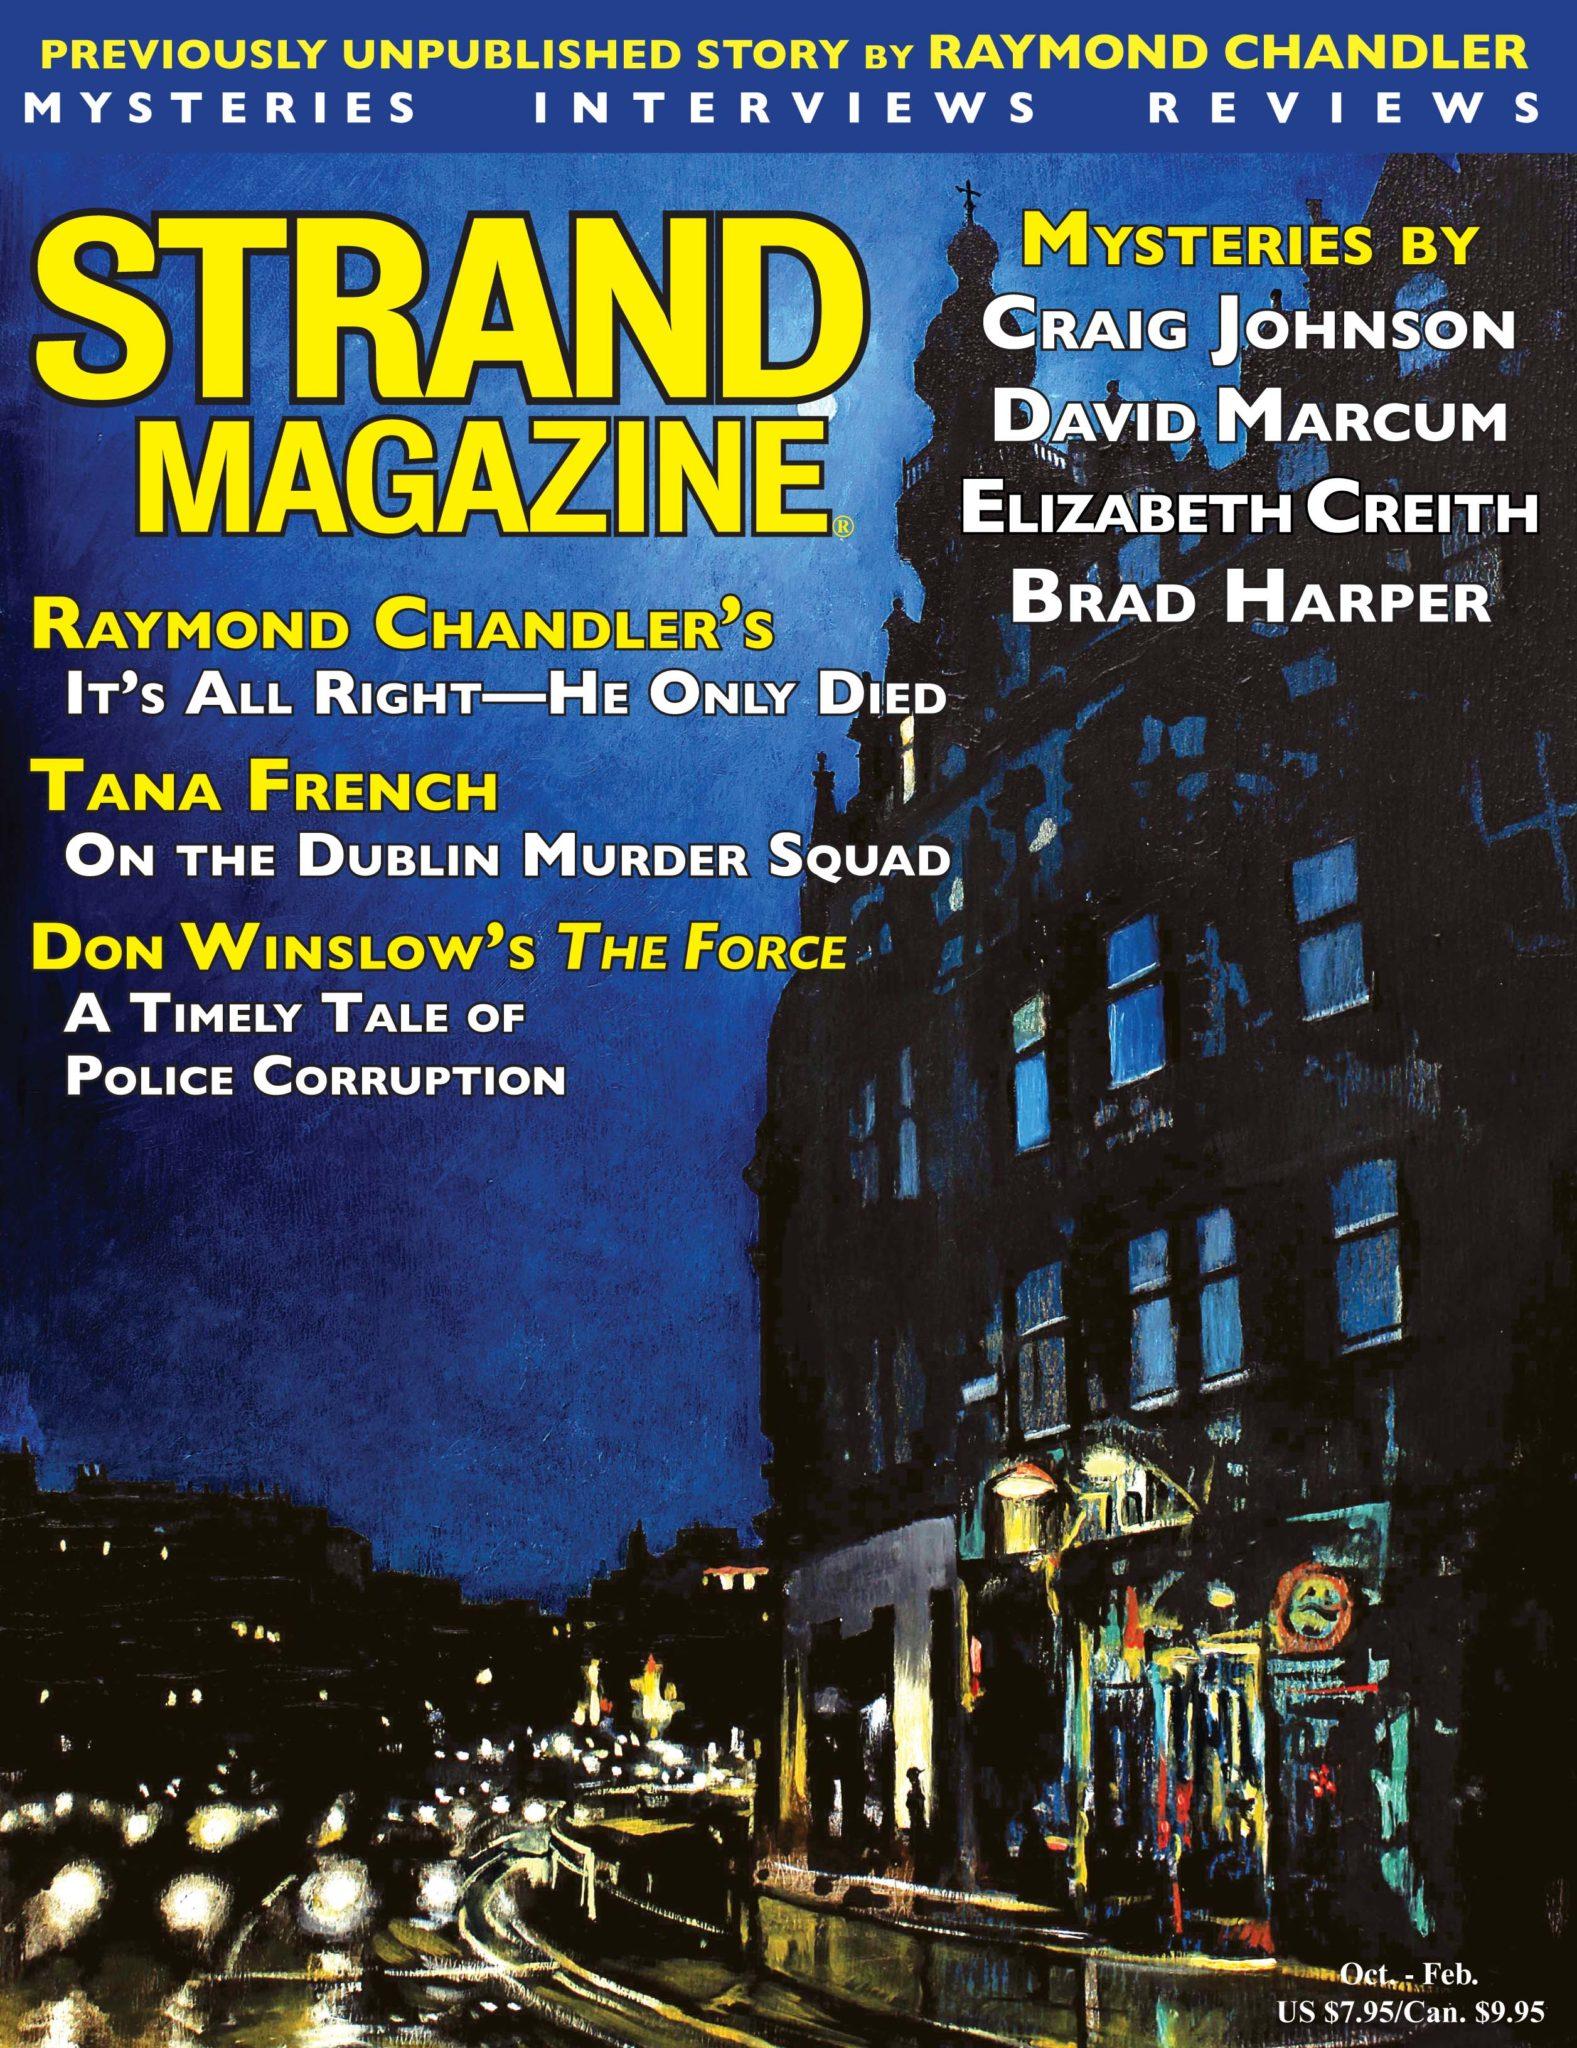 Unpublished Raymond Chandler Story